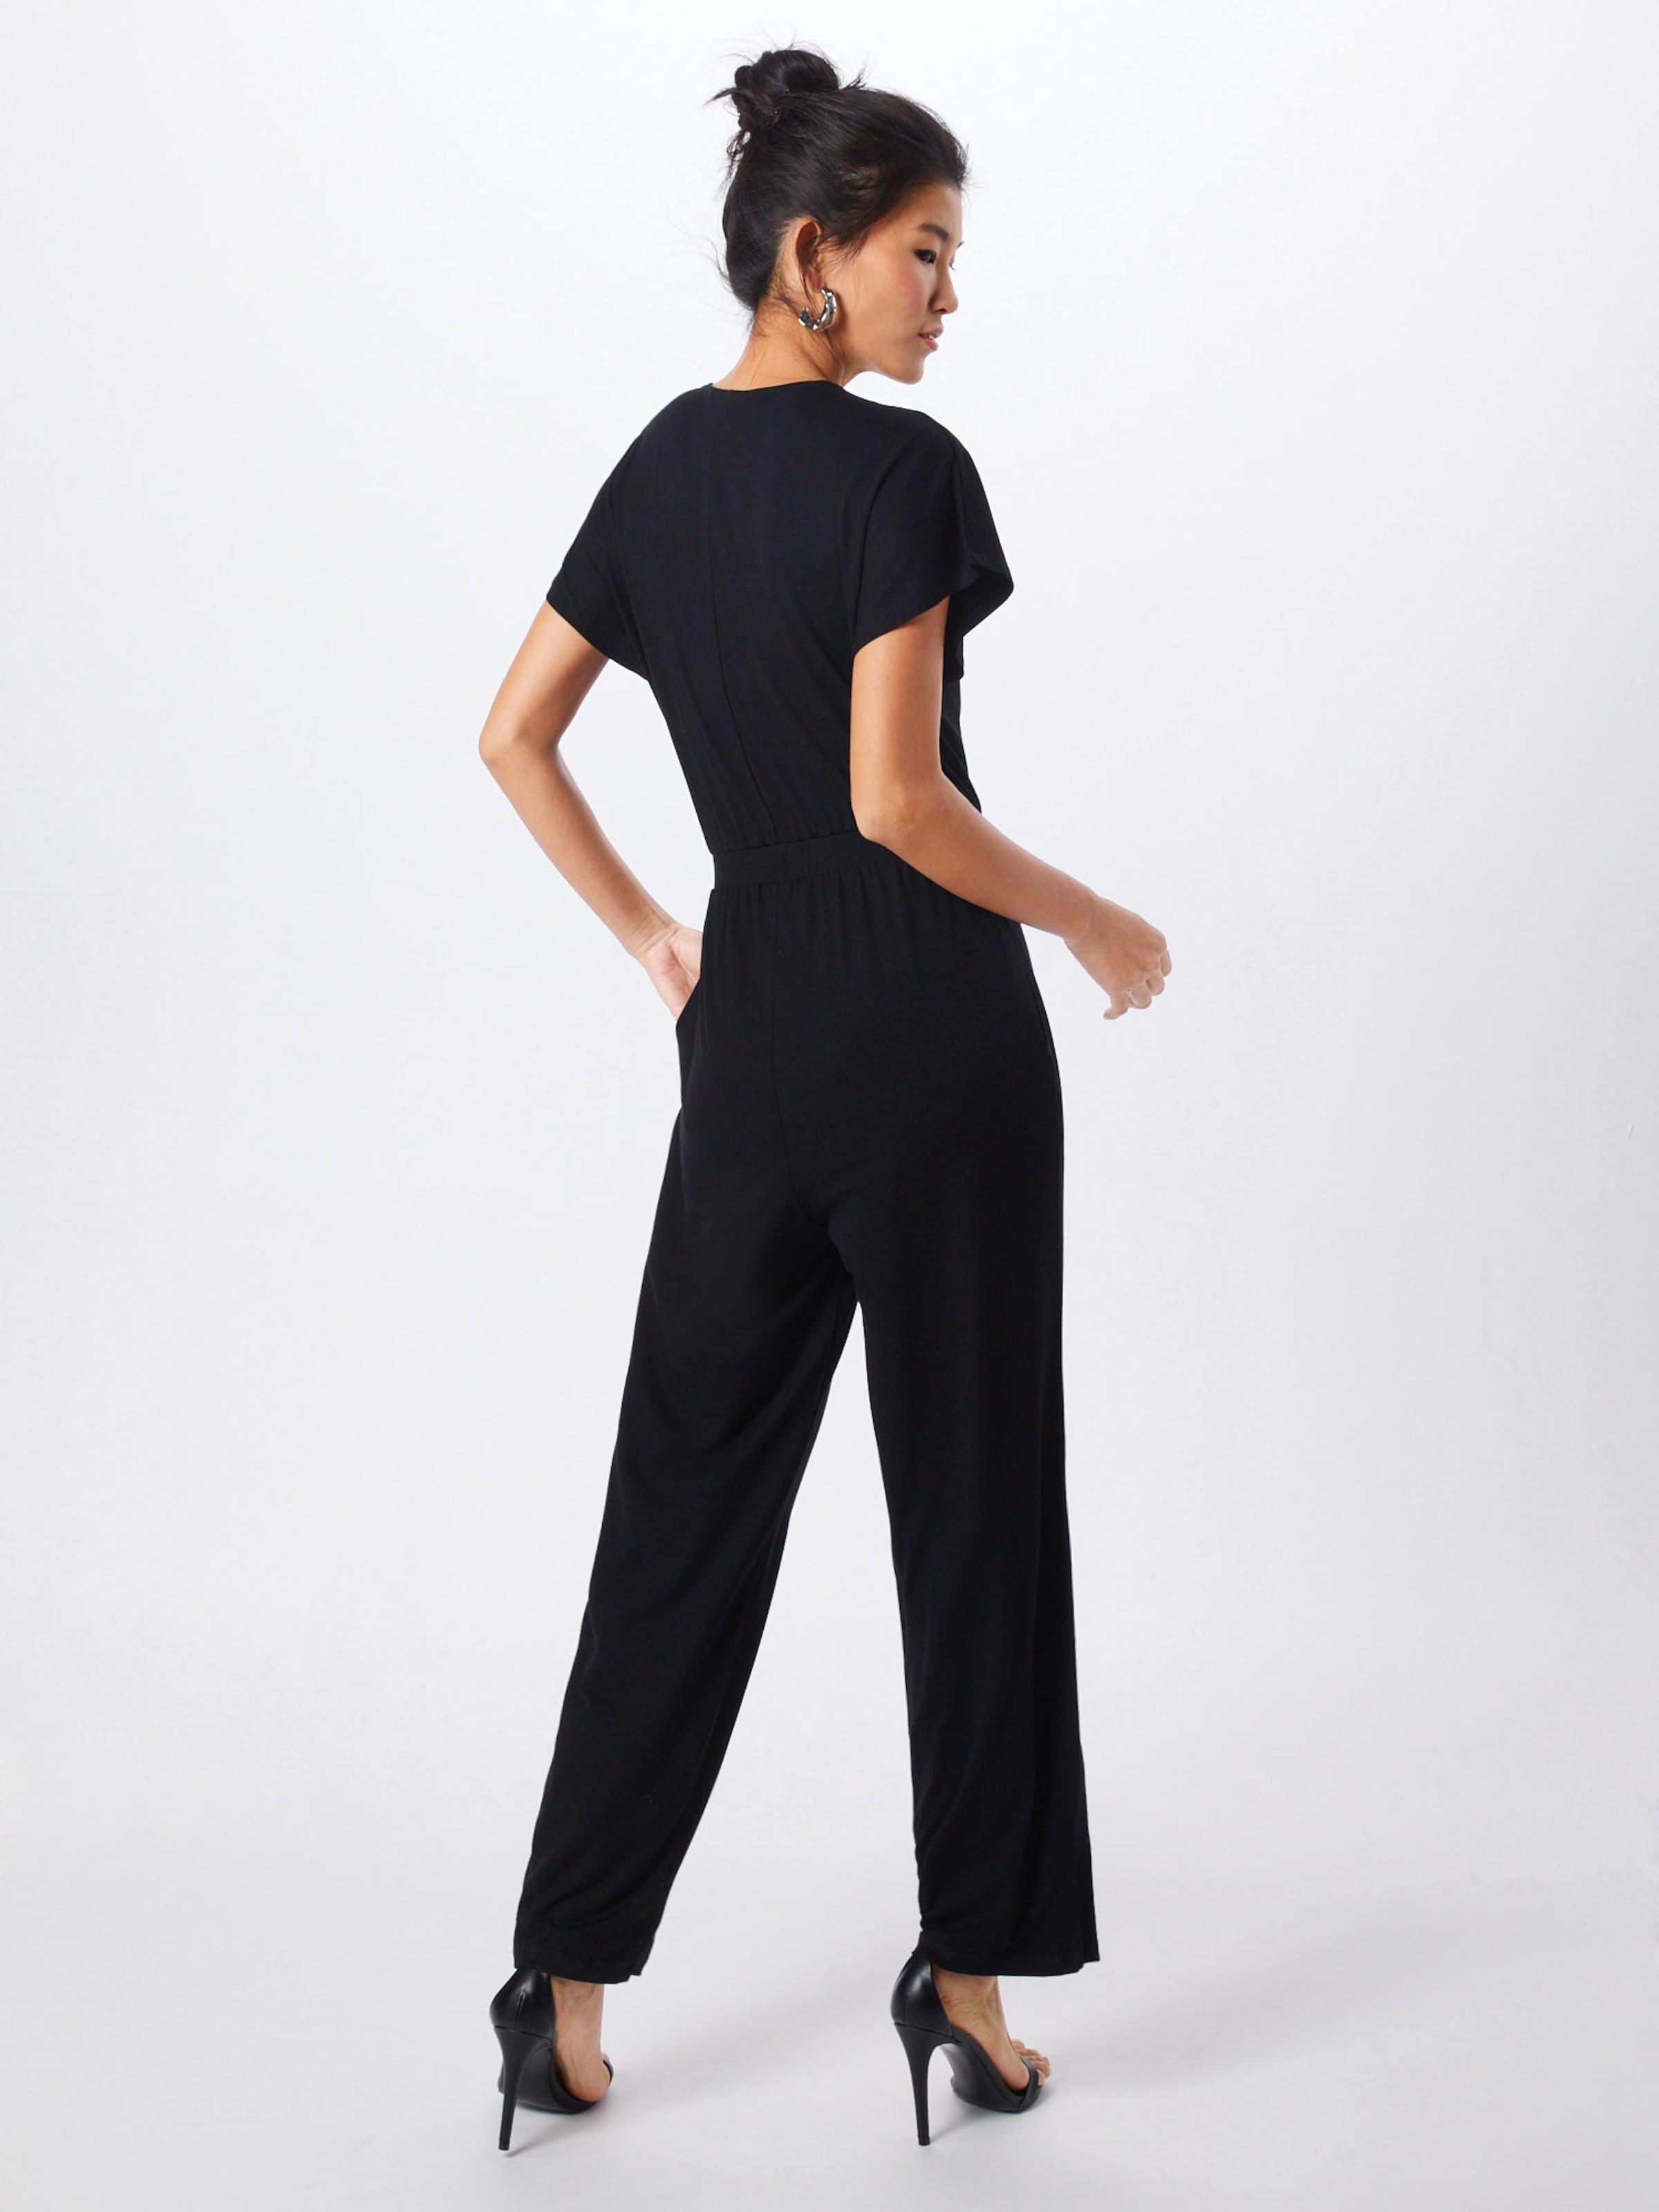 Jumpsuit 'pamela' In 'pamela' Jumpsuit Zwart lJcTK3F1